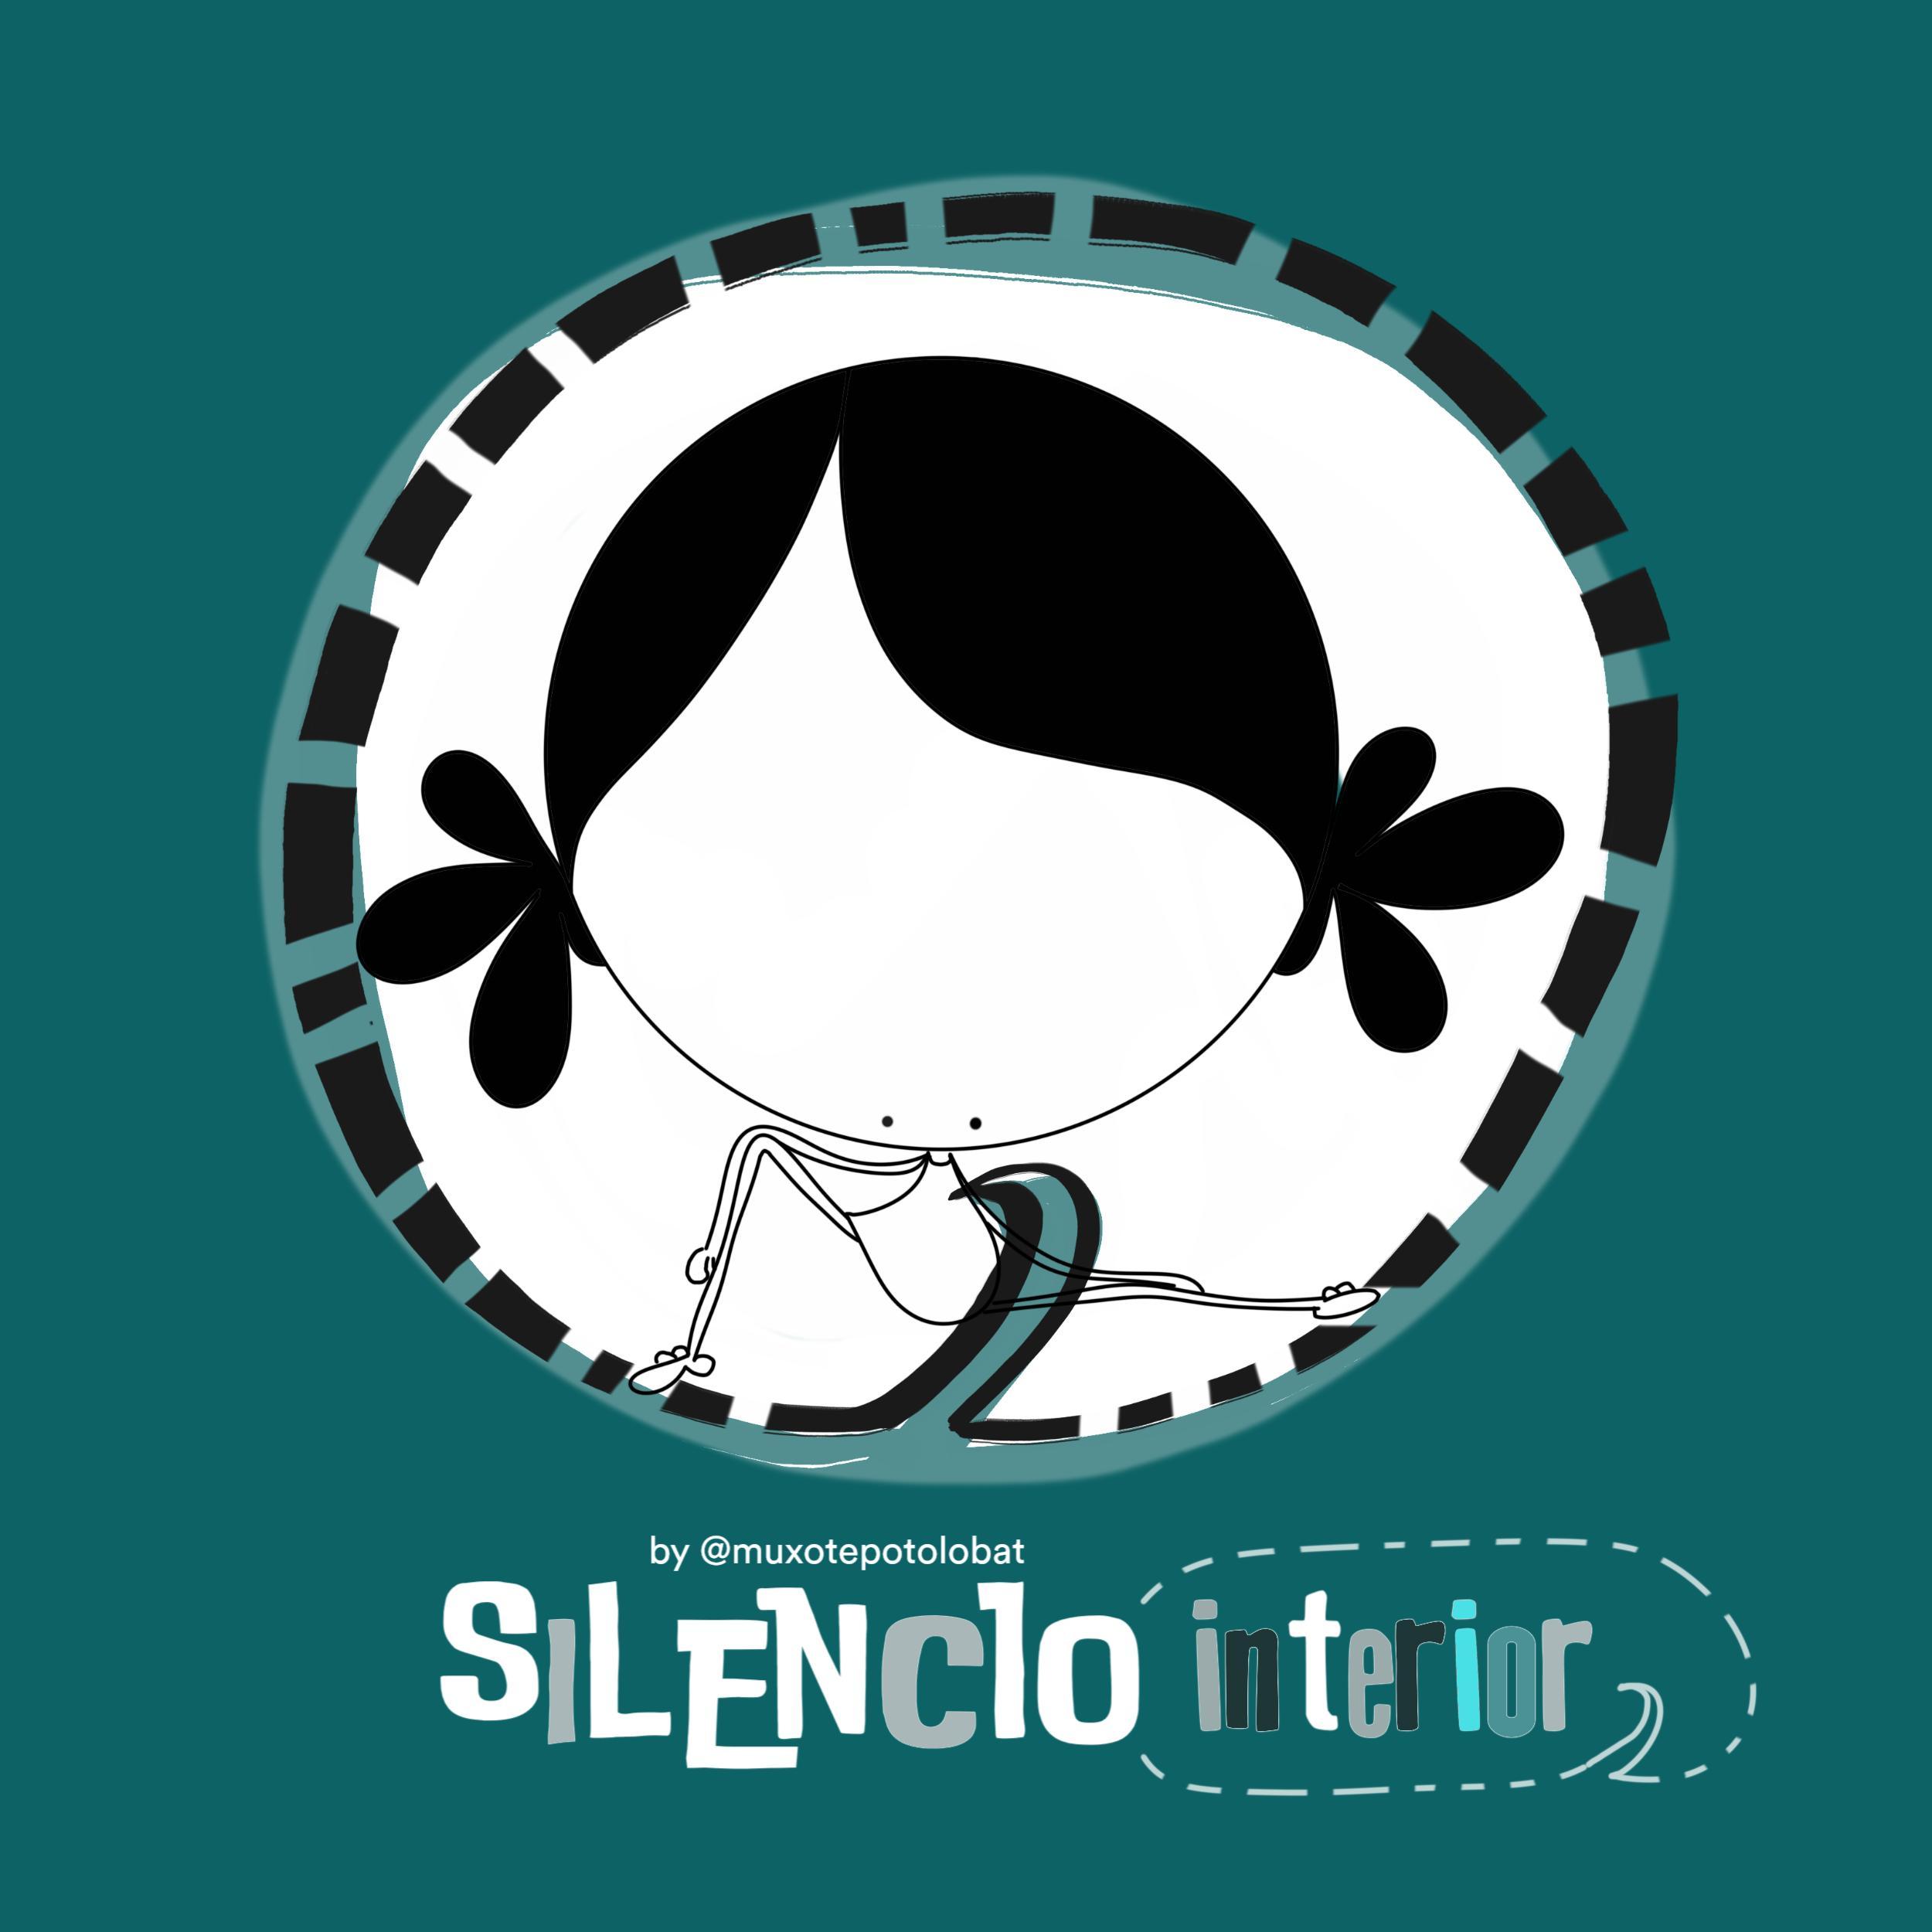 Silencio Interior